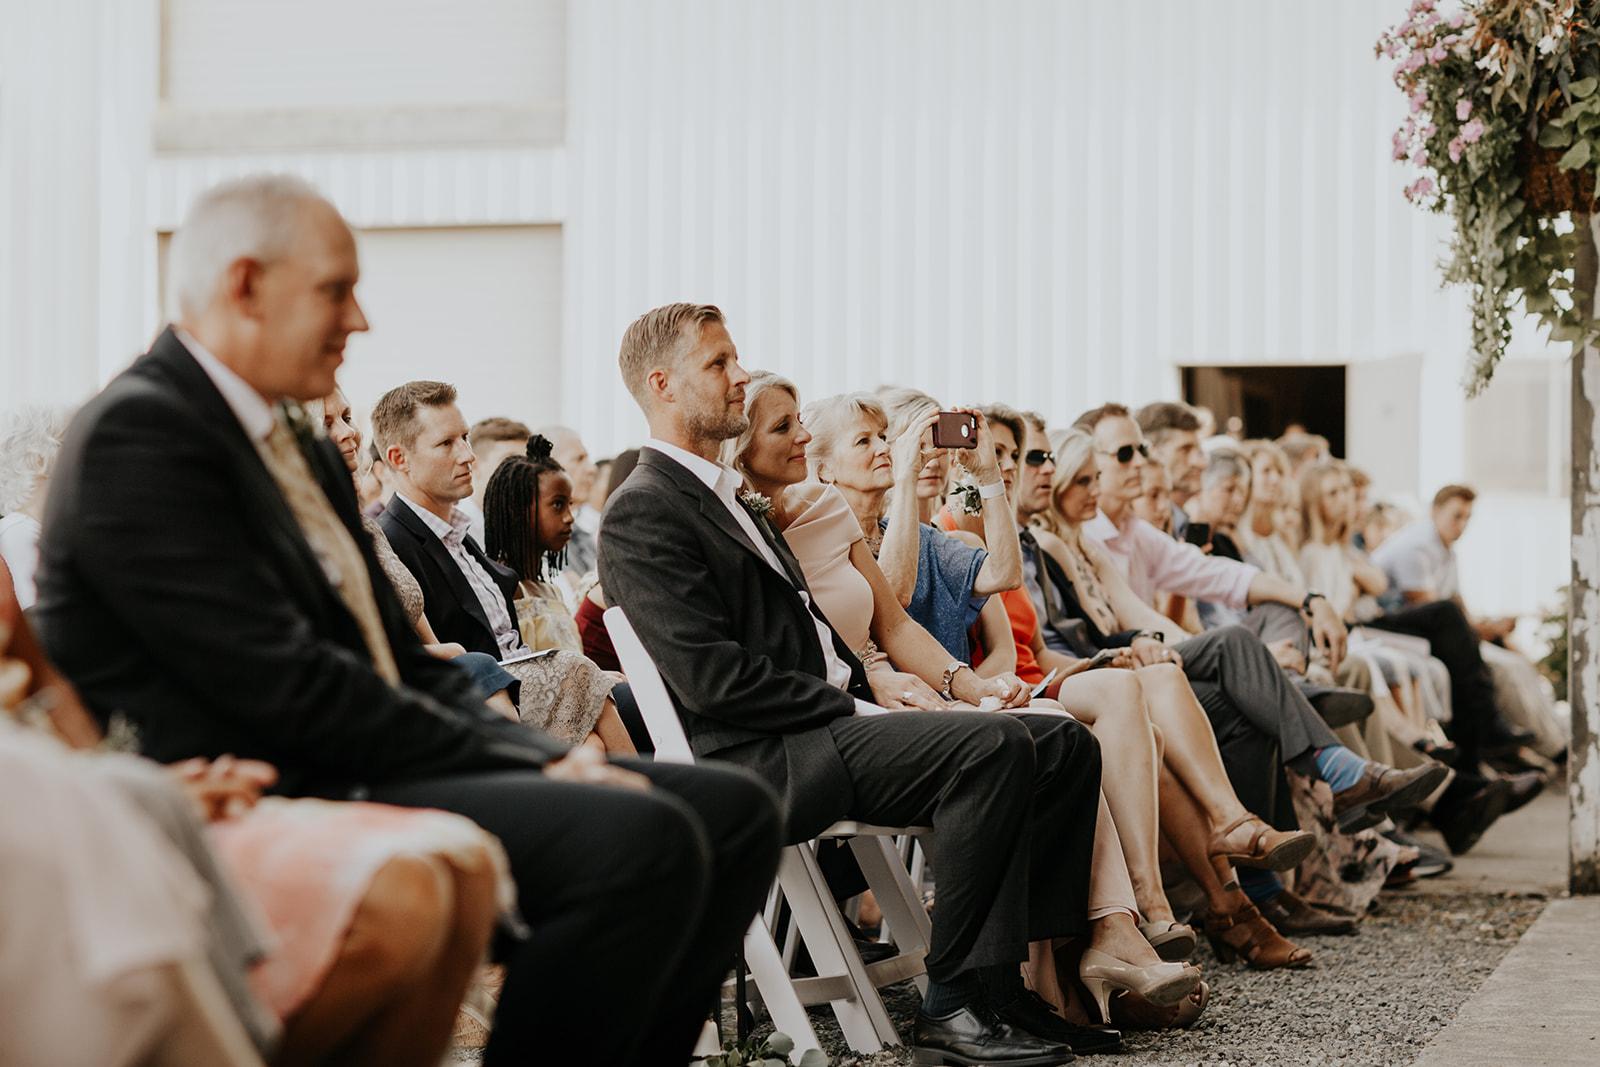 ginapaulson_larabryce_wedding-791.jpg